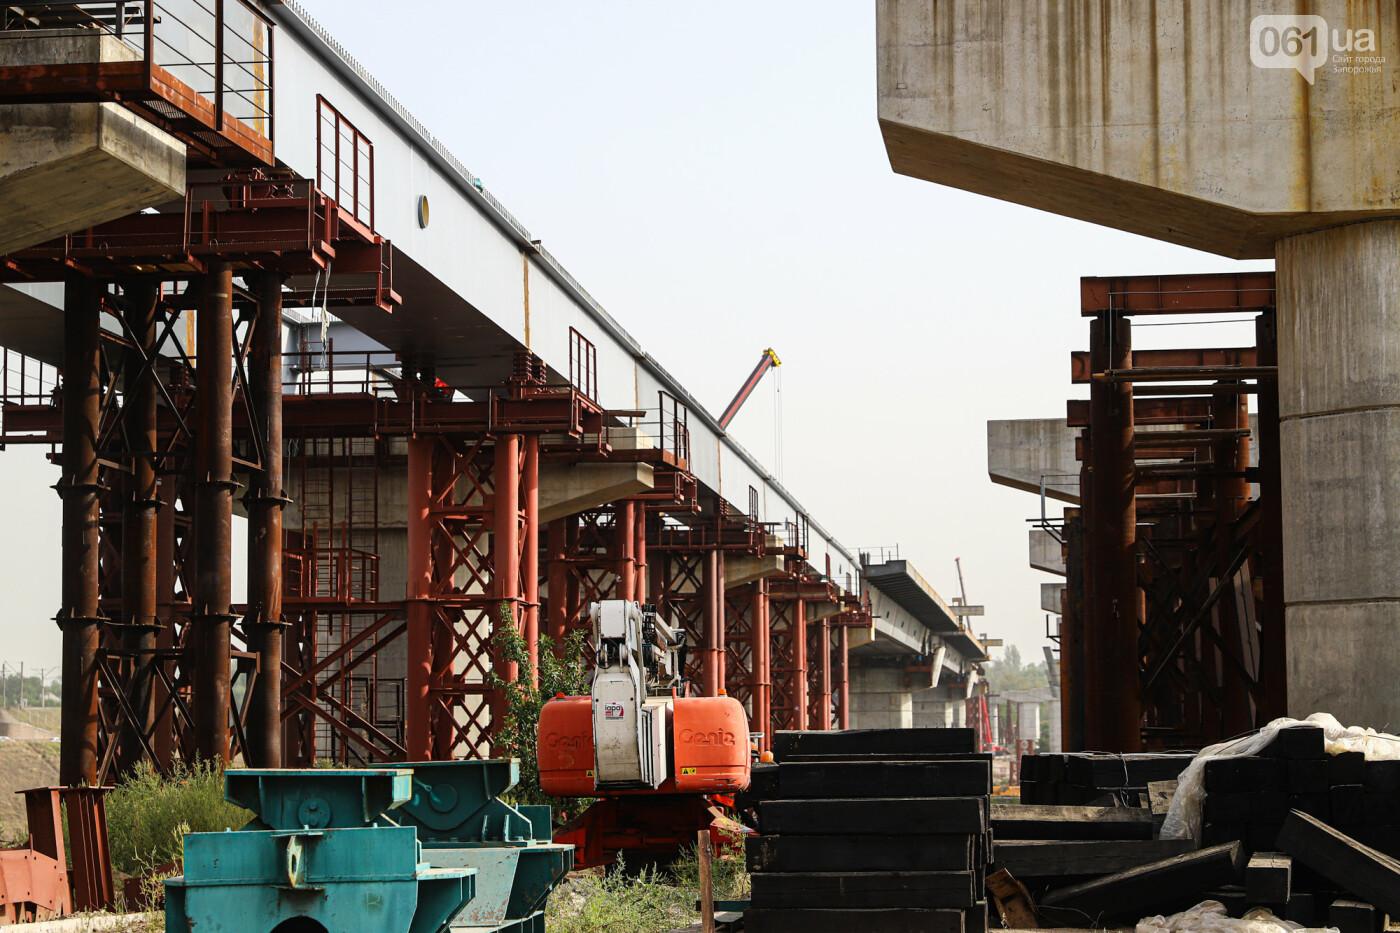 Бабурку соединили с Хортицей: на запорожских мостах смонтировали последнюю балку через старый Днепр, - ФОТО , фото-5